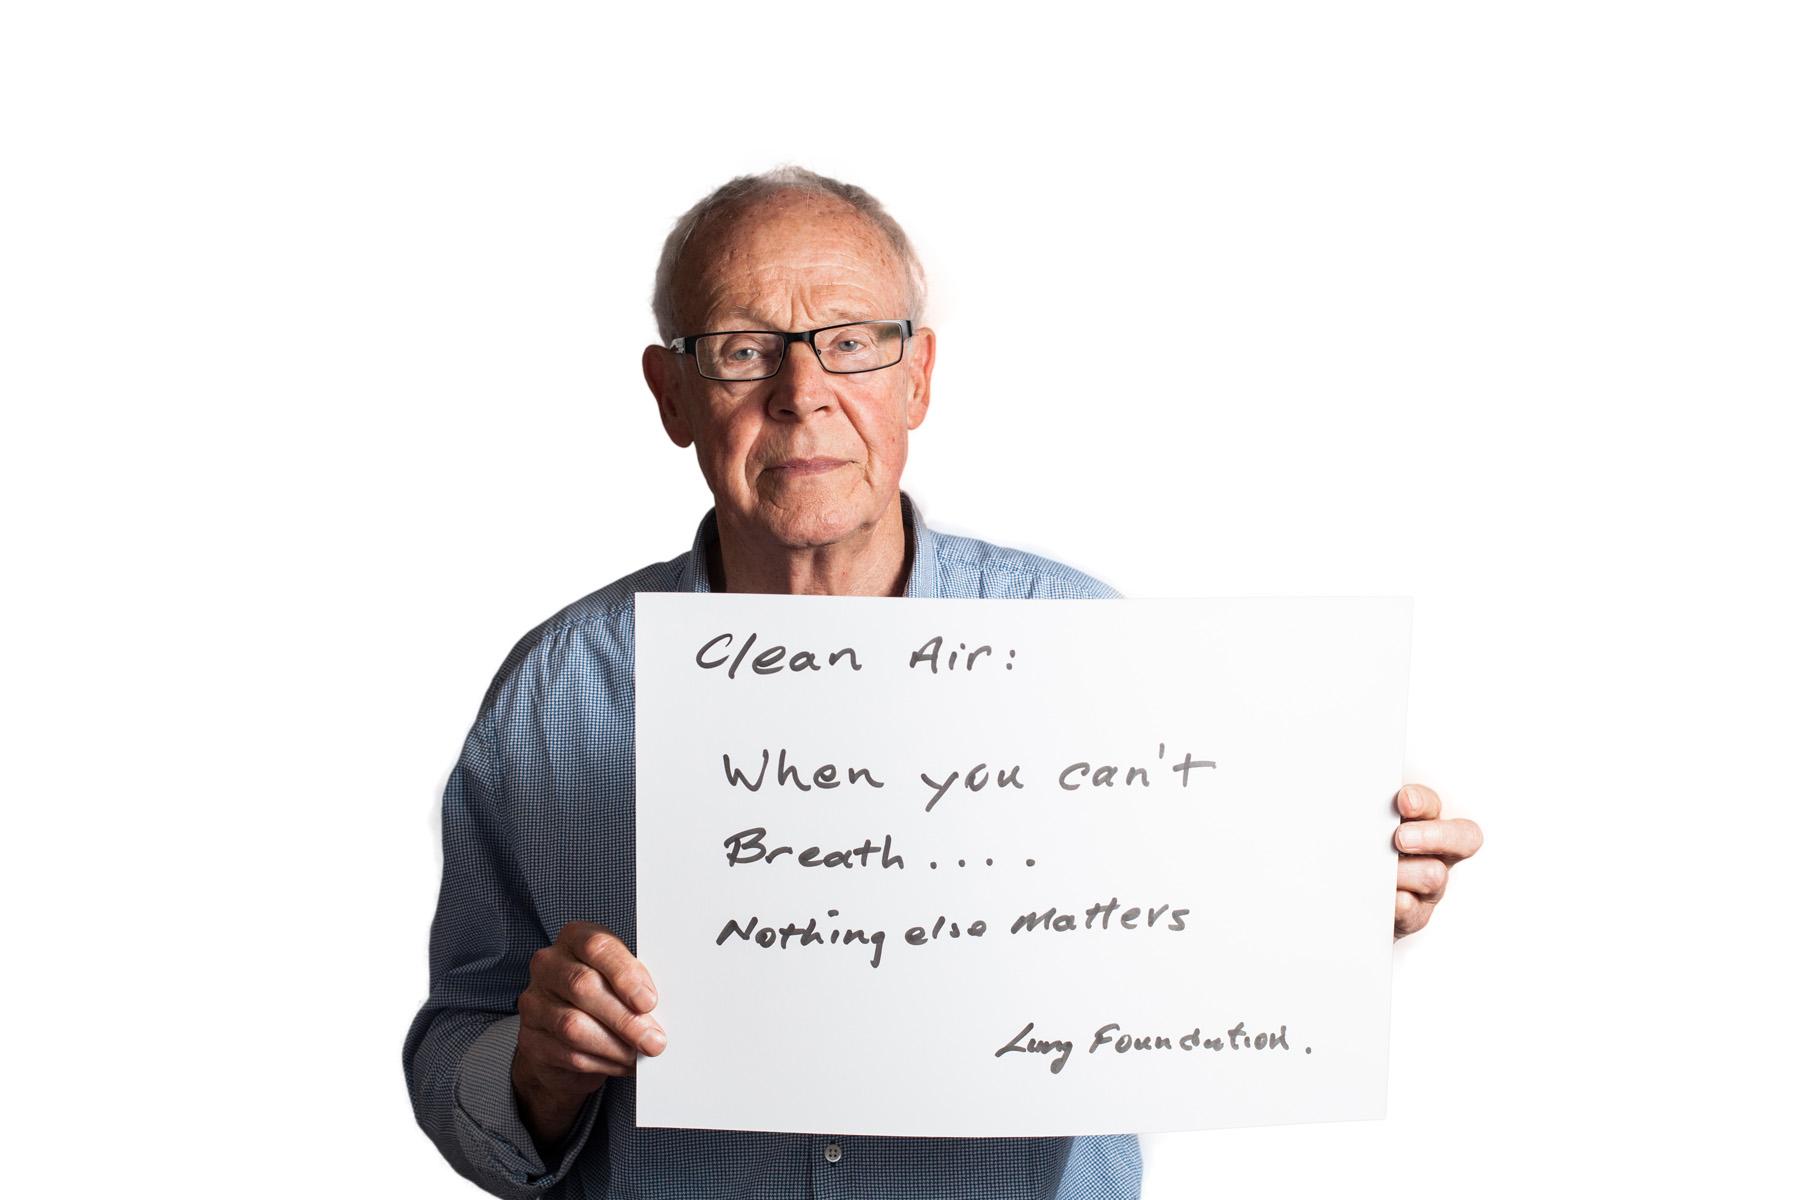 clean_air_nothing_else_matters.jpg